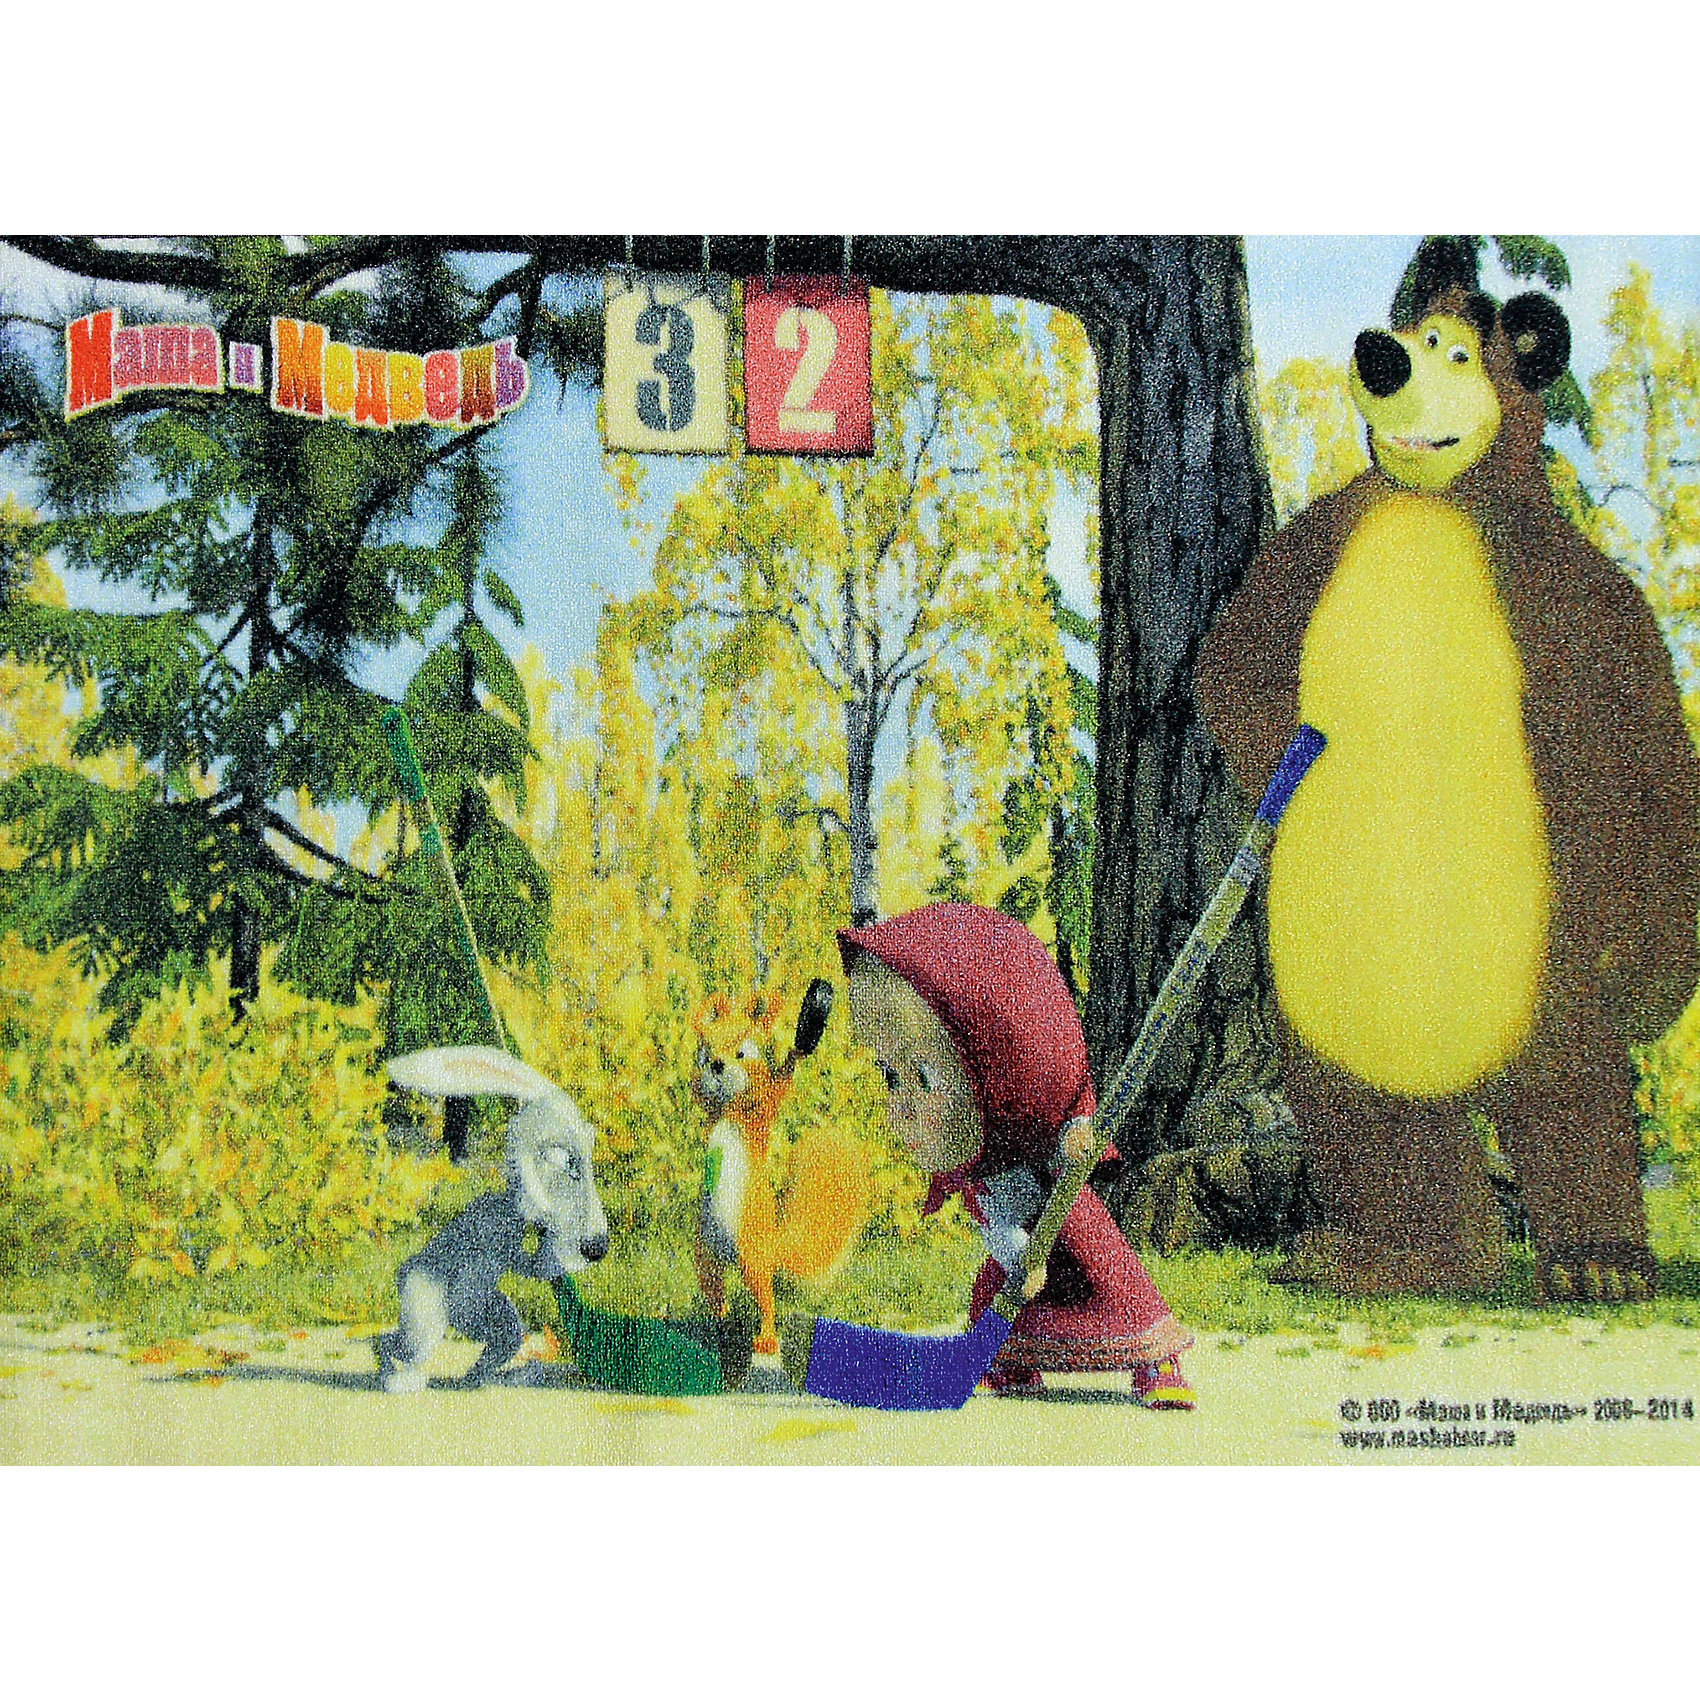 Ковер Маша и Медведь 80*133 смКовры<br>Ковер Маша и Медведь 80*133 см – яркий красочный ковер, за которым легко ухаживать сделает уютной комнату вашего ребенка.<br>Позитивный качественный детский ковёр с изображением сюжета из мультсериала «Маша и Медведь» украсит интерьер детской комнаты и наполнит мир вашего ребенка яркими и живыми красками. Ковер очень практичный, изготовлен из безопасных и высококачественных синтетических материалов, стойкий к истиранию и не выгорает. Пыль и грязь не забивается глубоко внутрь ворса, что существенно облегчает уход за изделием, а латексная основа не скользит по полу. По краям ковер аккуратно обшит. Небольшой размер и вес позволит без труда перемещать ковер в разные места комнаты и легко производить уборку под ковром.<br><br>Дополнительная информация:<br><br>- Размер: 80х133 см.<br>- Высота ворса: 5 мм.<br>- Вес ковра: 1,3 кг/м2<br>- Плотность ворса: 290000 точек на м?<br>- Состав ворса: 100% полиамид<br>- Состав основы: гелиевая<br>- Цвет: разноцветный, желтый<br>- Вид производства: машинное<br><br>Ковер Маша и Медведь 80*133 см можно купить в нашем интернет-магазине.<br><br>Ширина мм: 200<br>Глубина мм: 200<br>Высота мм: 800<br>Вес г: 1277<br>Возраст от месяцев: 36<br>Возраст до месяцев: 120<br>Пол: Унисекс<br>Возраст: Детский<br>SKU: 4466038